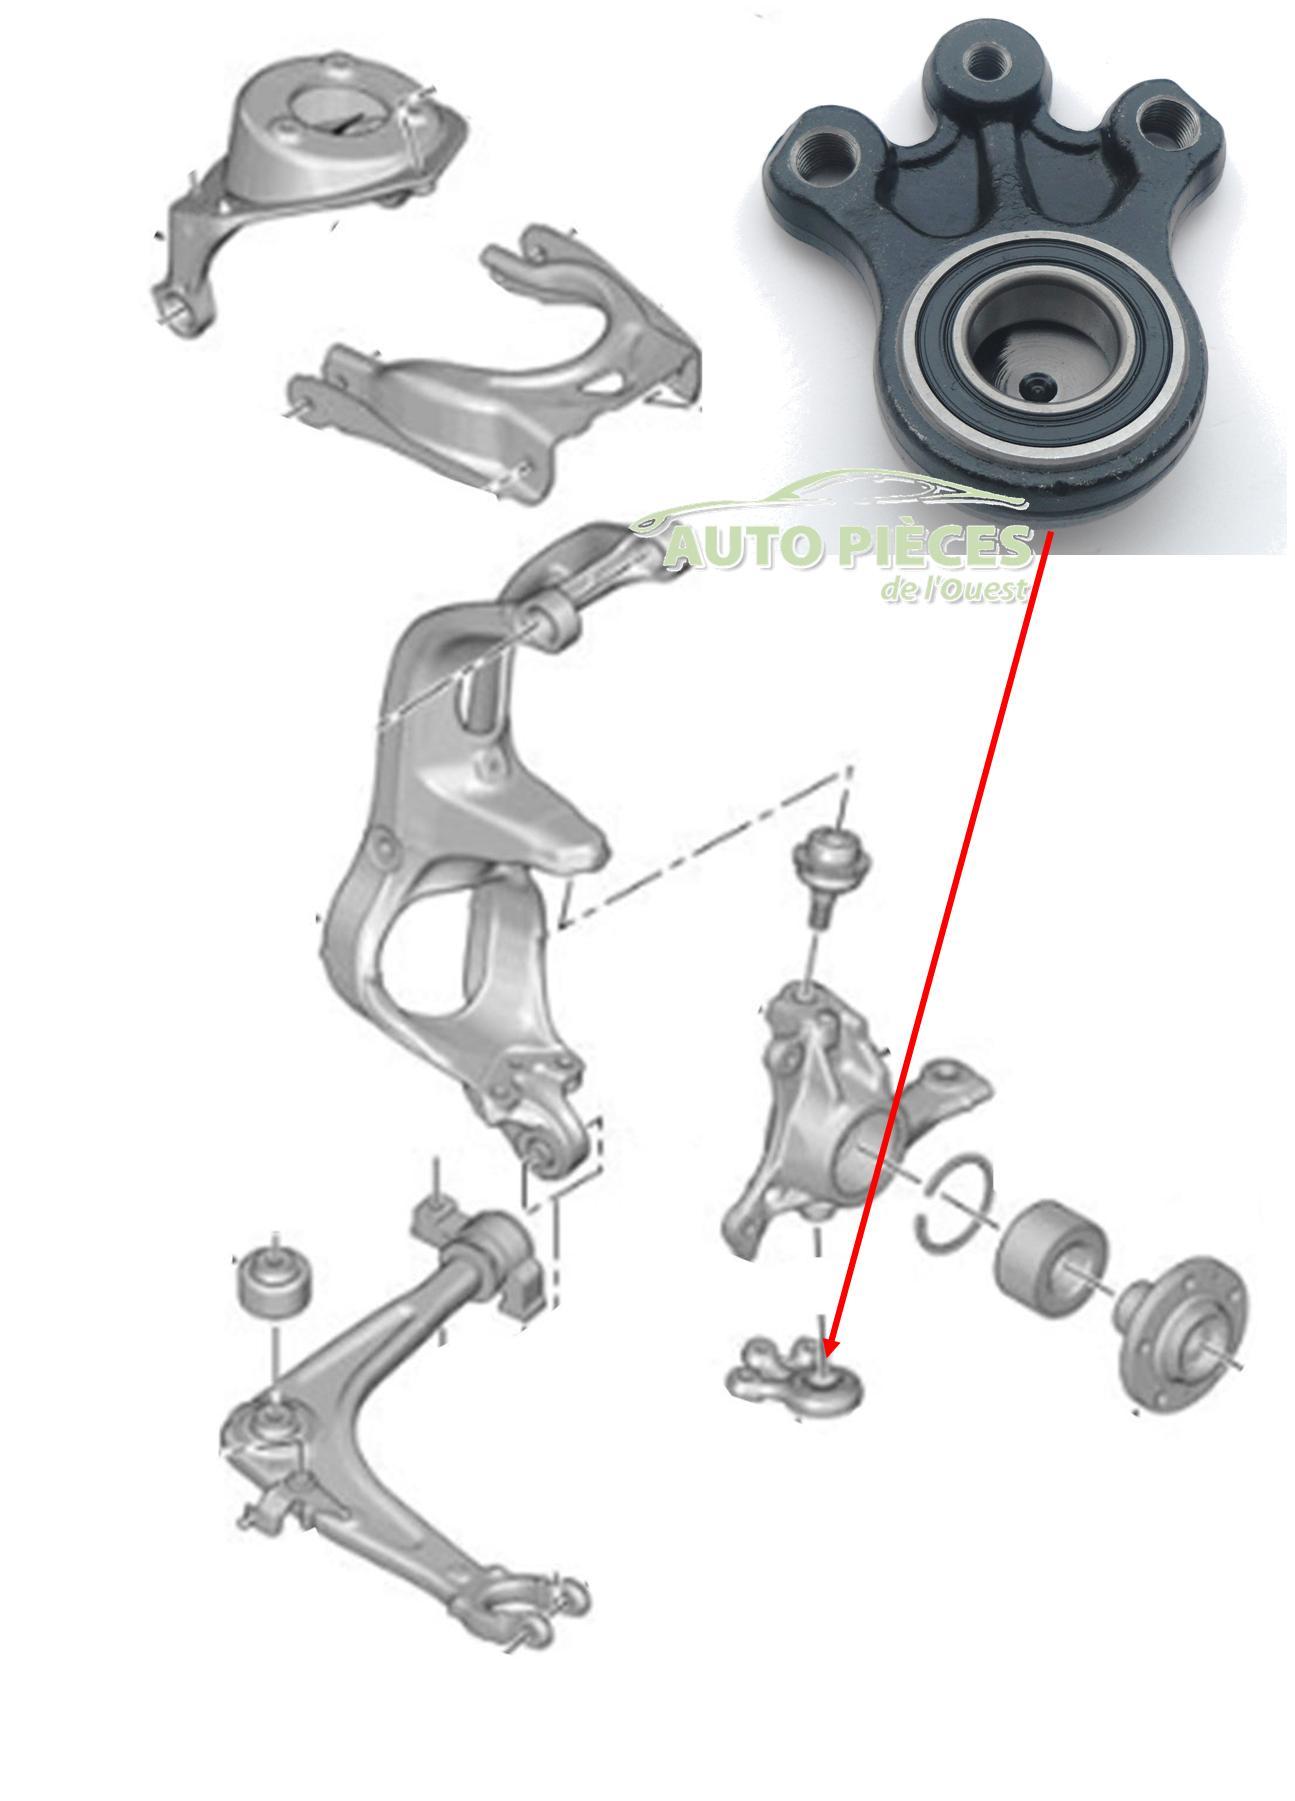 rotule de suspension inf rieure pivot citro n c6 364059 364072 auto pi ces de l 39 ouest. Black Bedroom Furniture Sets. Home Design Ideas